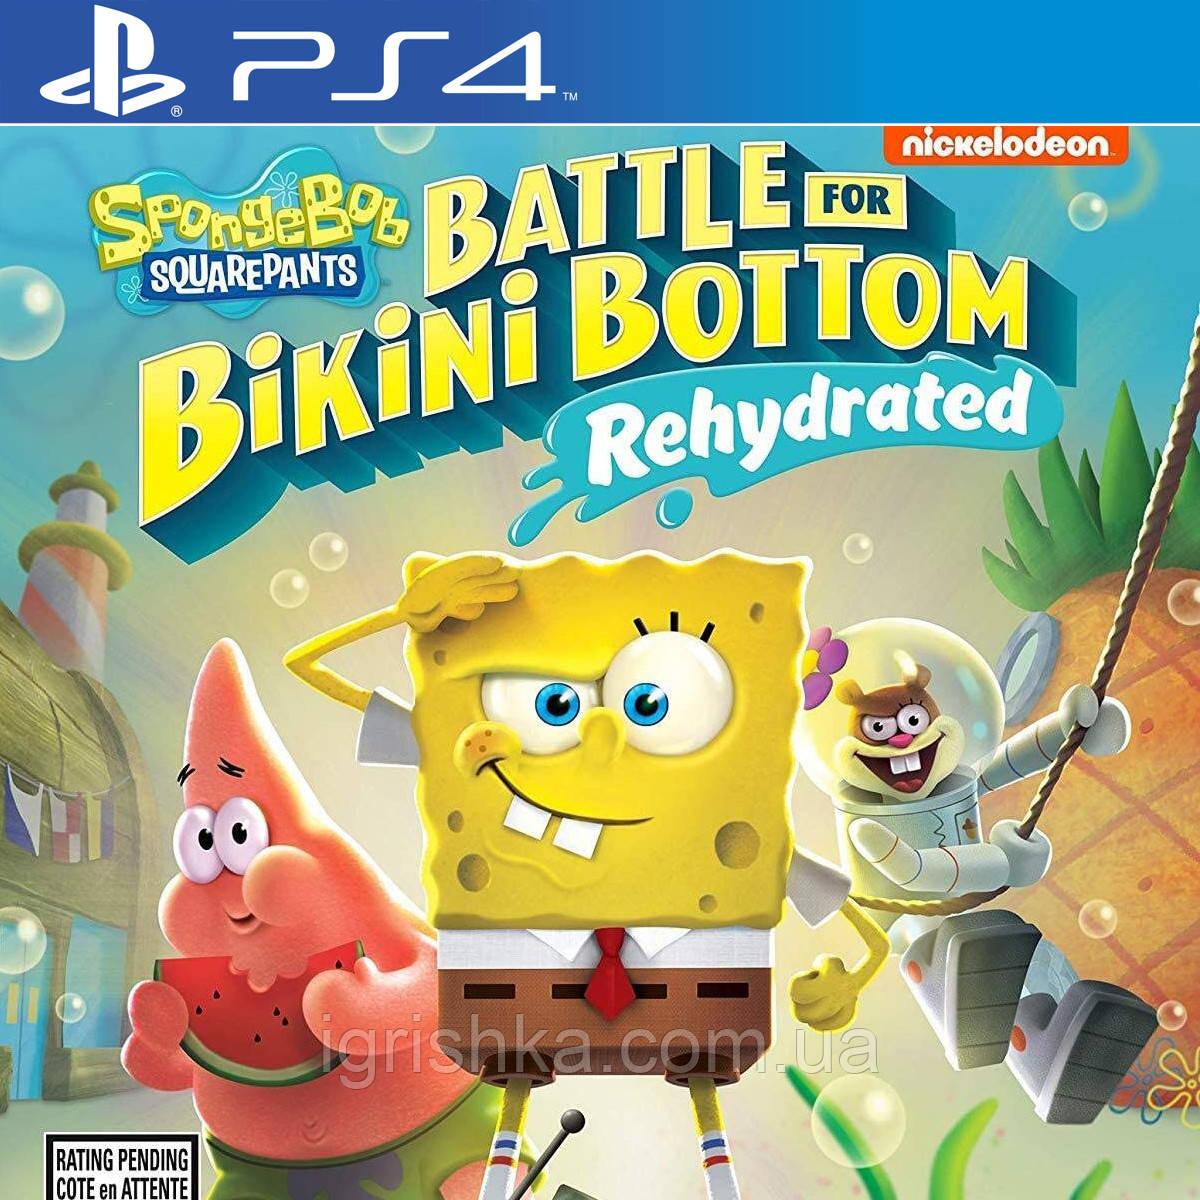 Губка Боб Квадратные Штаны Ps4 (Цифровой аккаунт для PlayStation 4) П3